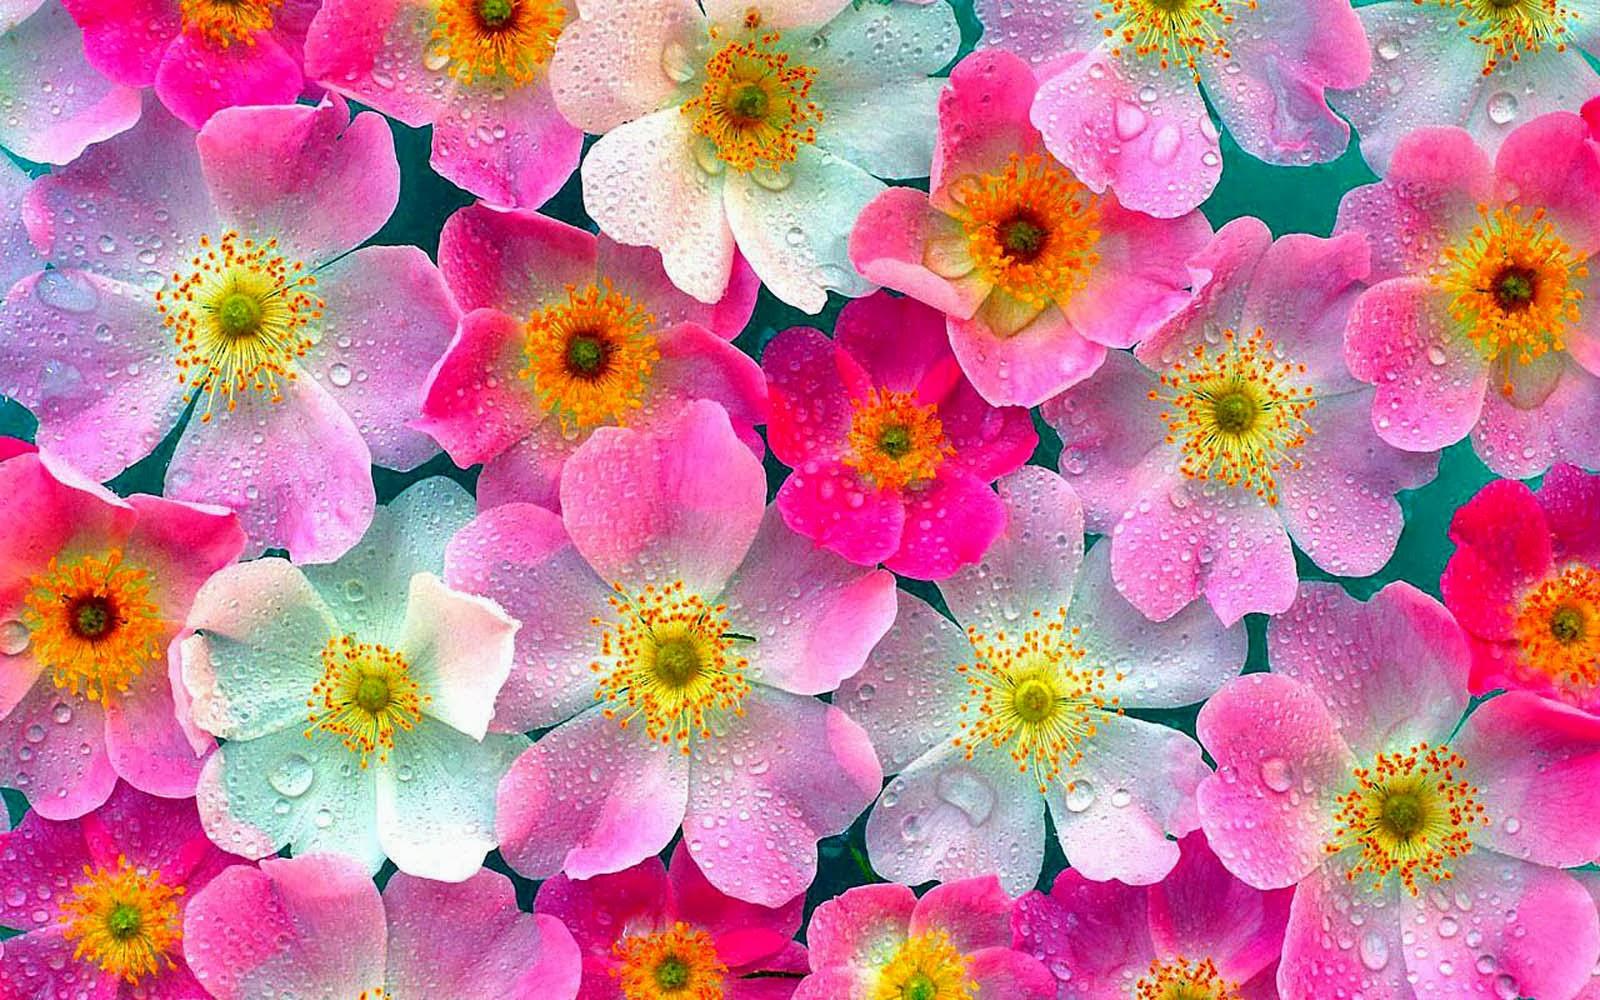 30 Wallpaper Bunga Cantik Your Title